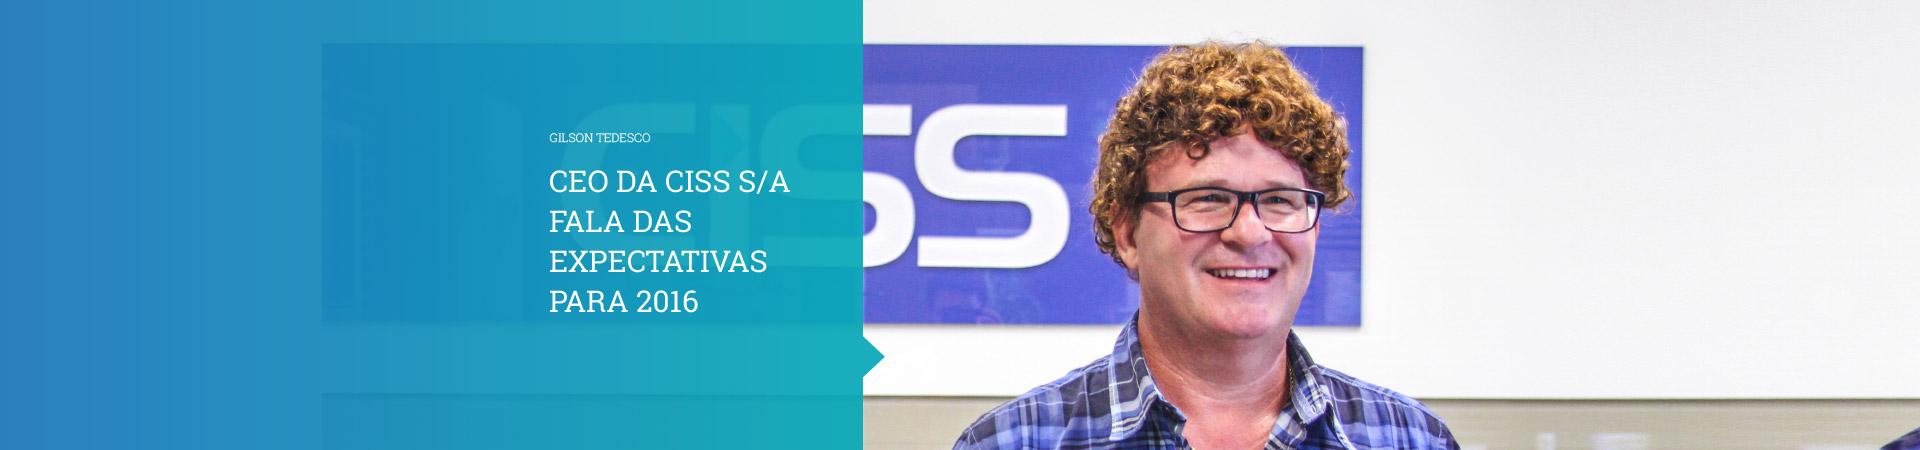 Gilson Tedesco - CEO CISS S/A